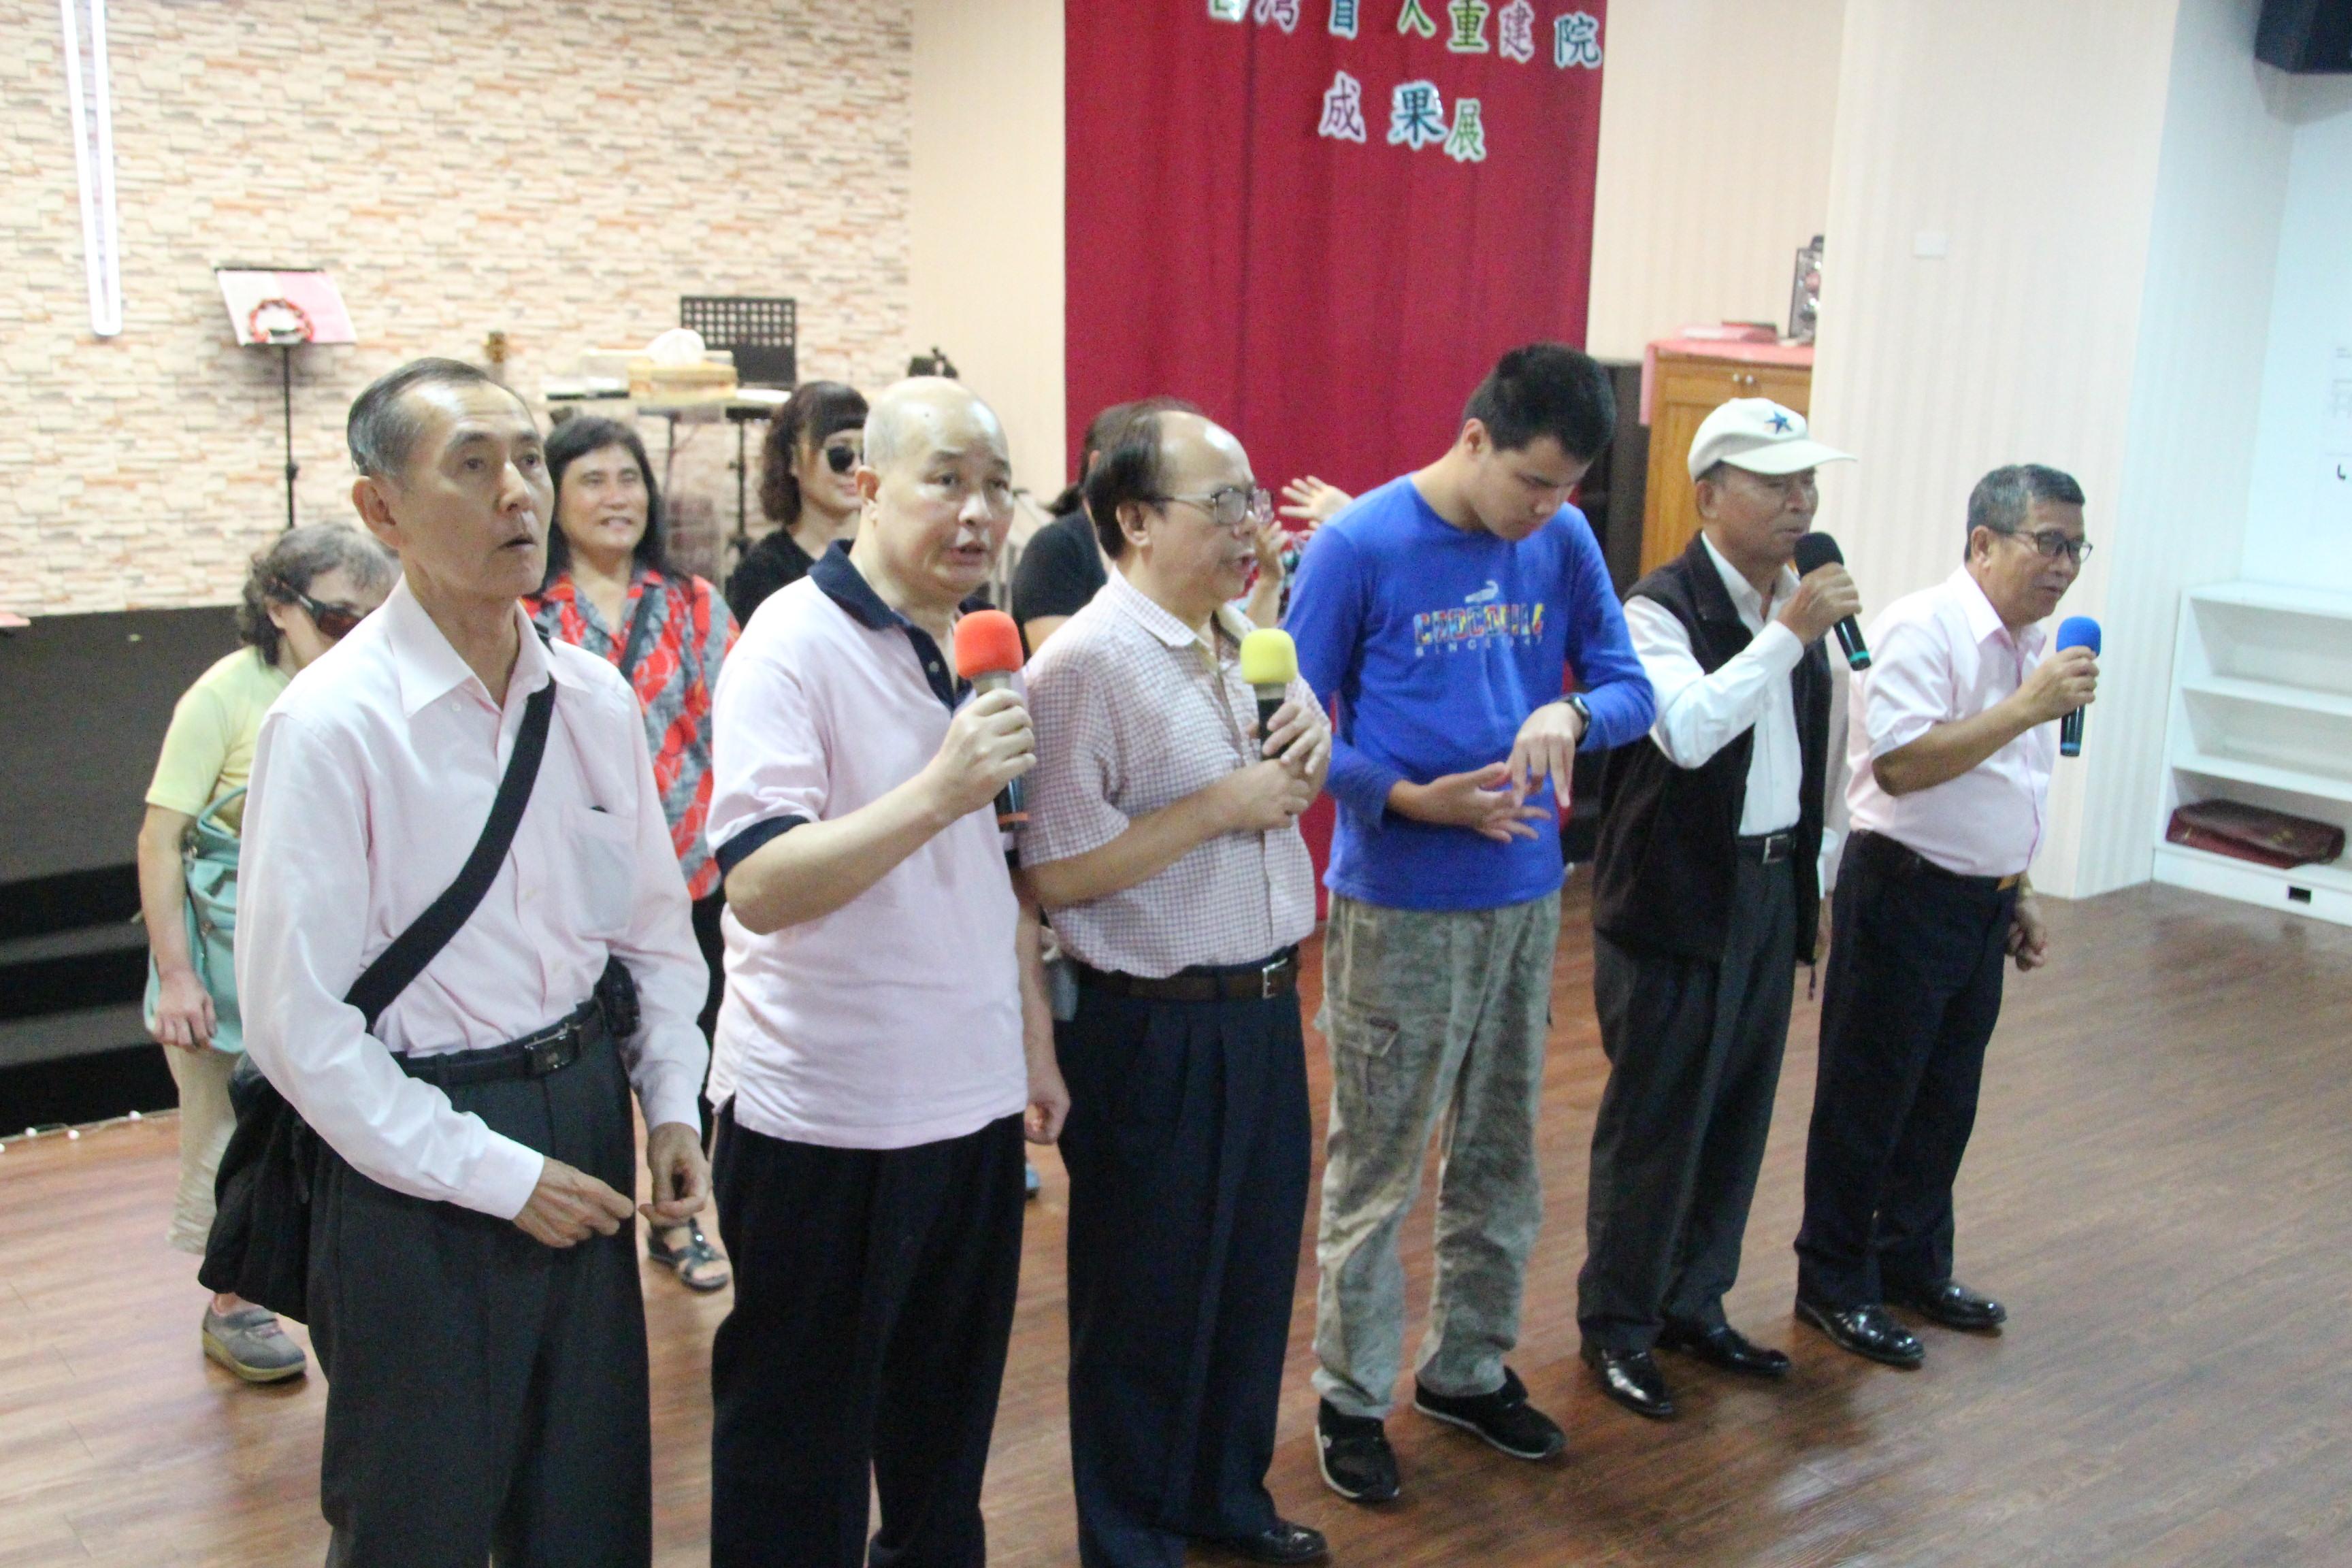 阿榮出席重建院歌唱班成果展並上台分享歌曲